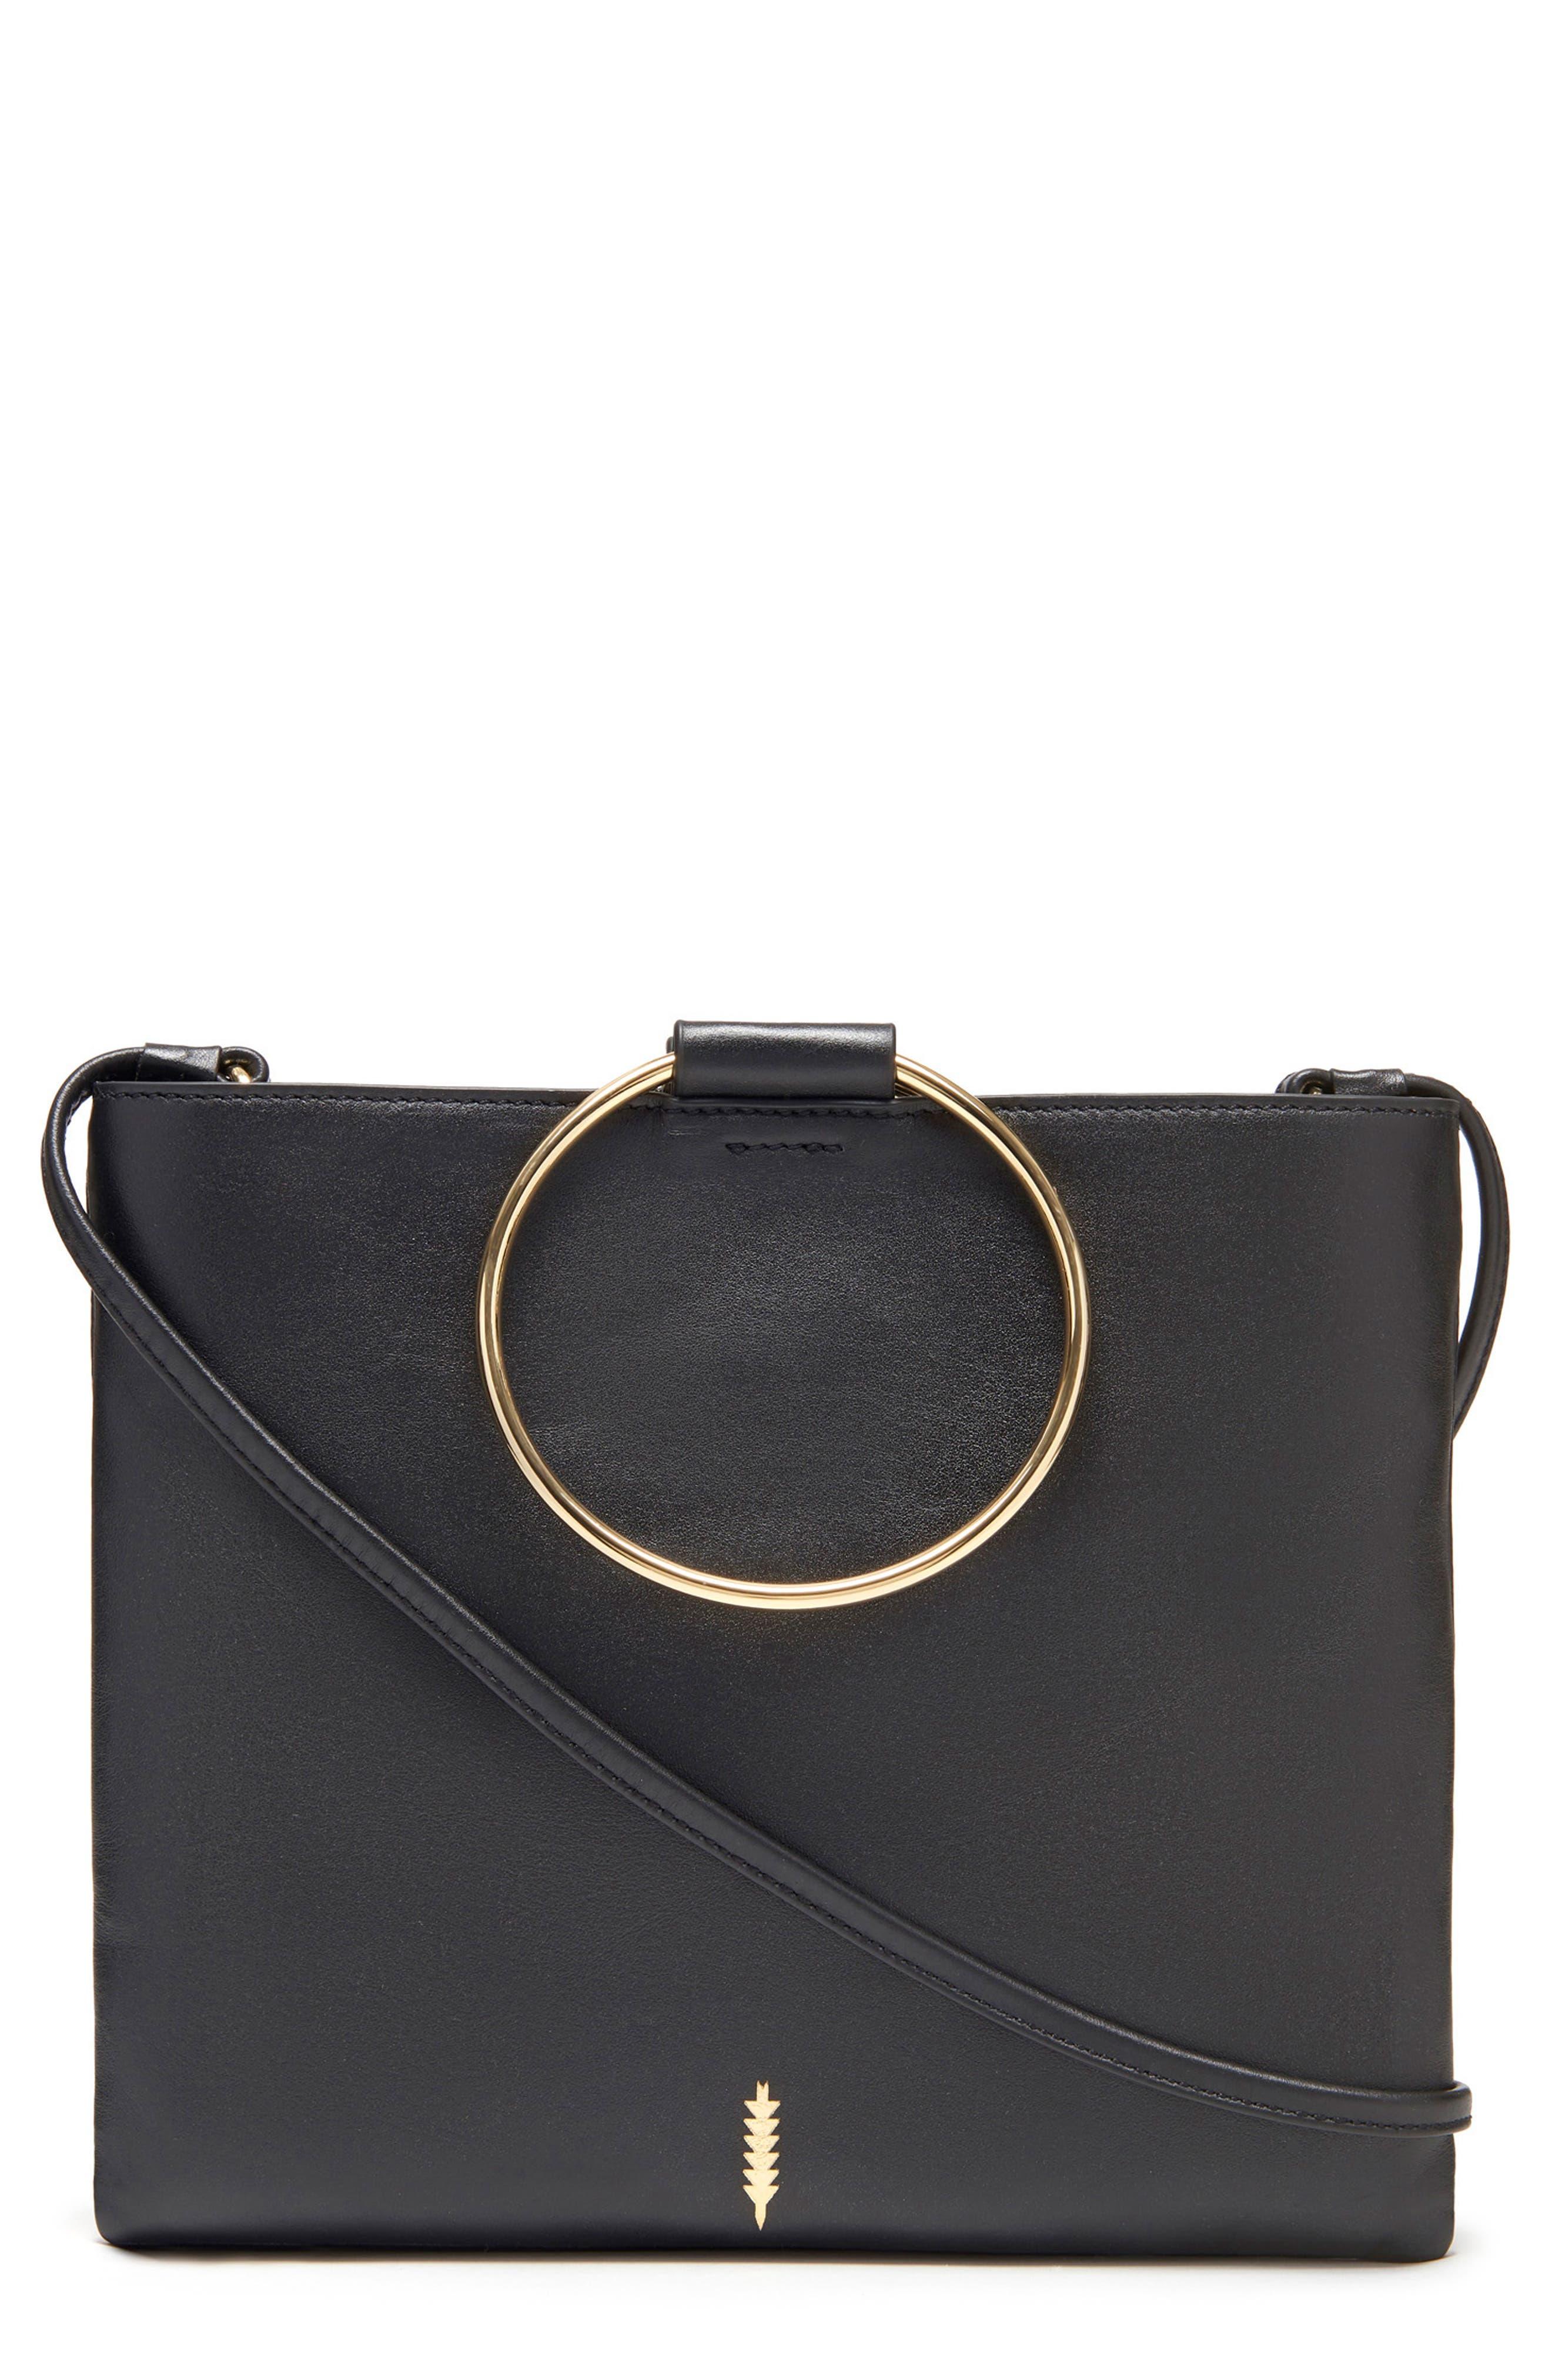 75765752 THACKER Handbags, Purses & Wallets | Nordstrom